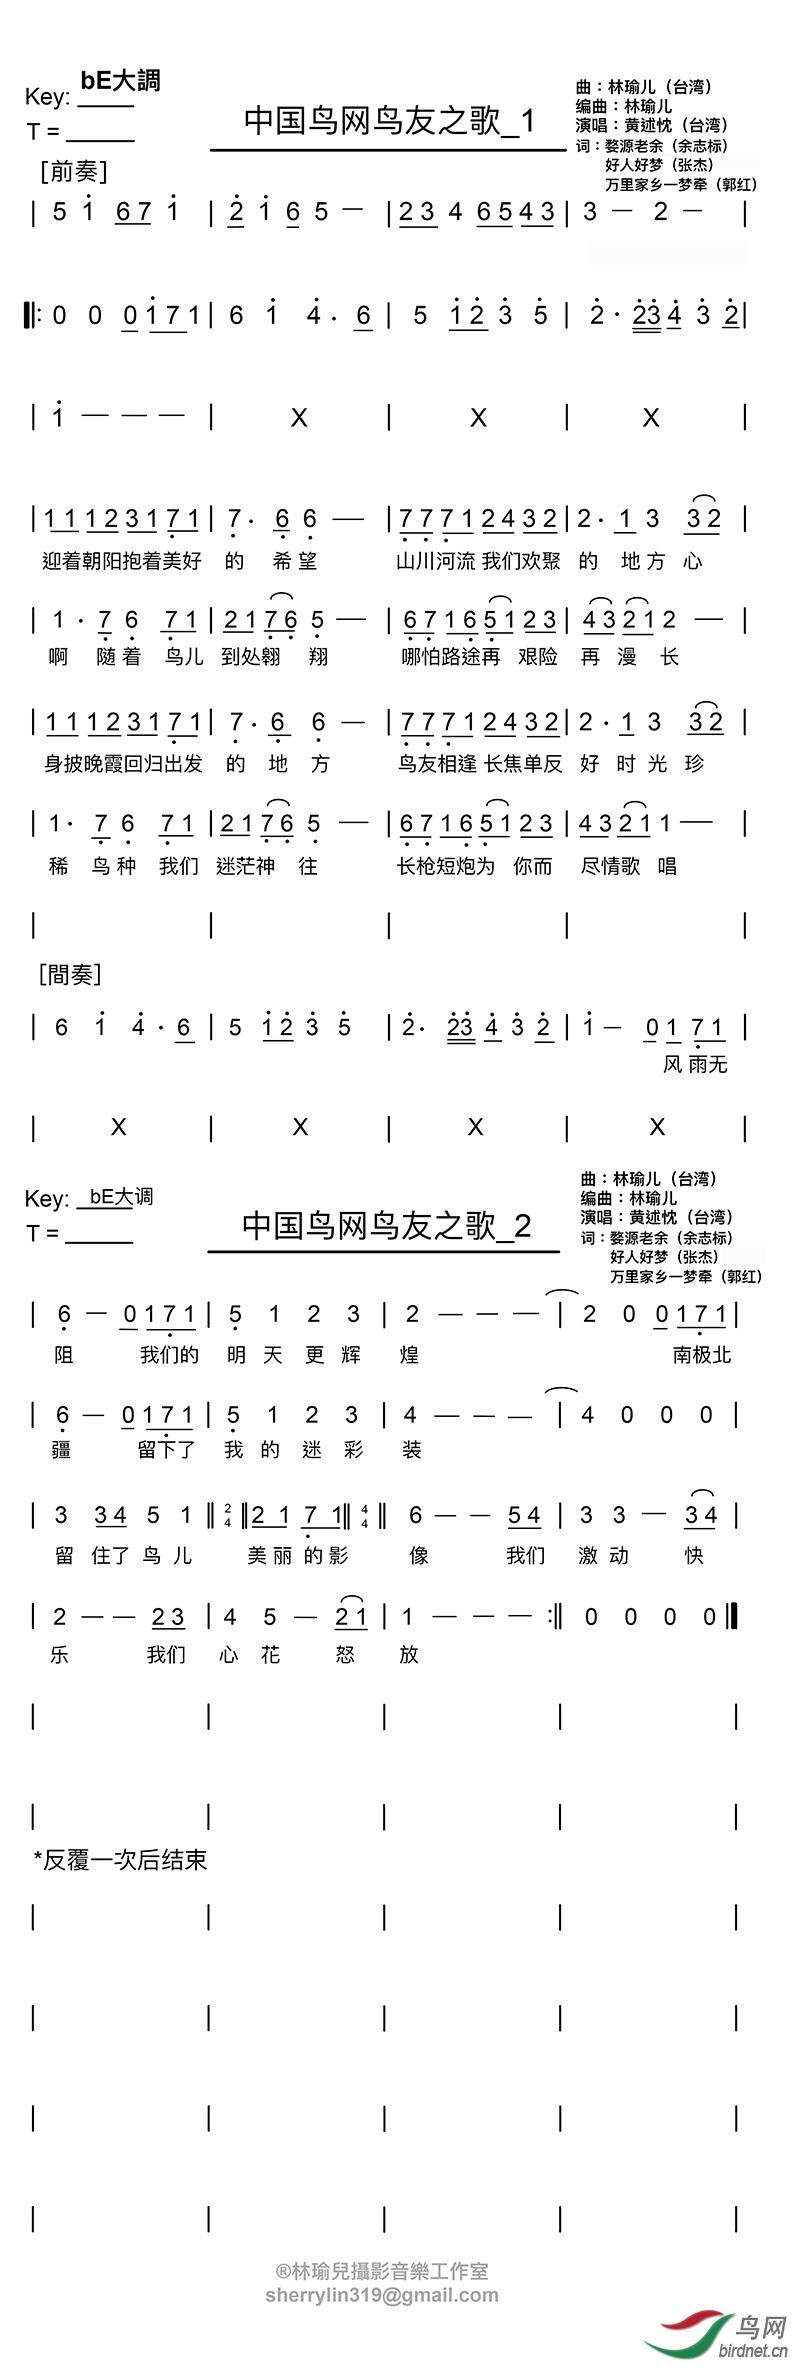 《中国鸟网鸟友之歌》歌词.jpg